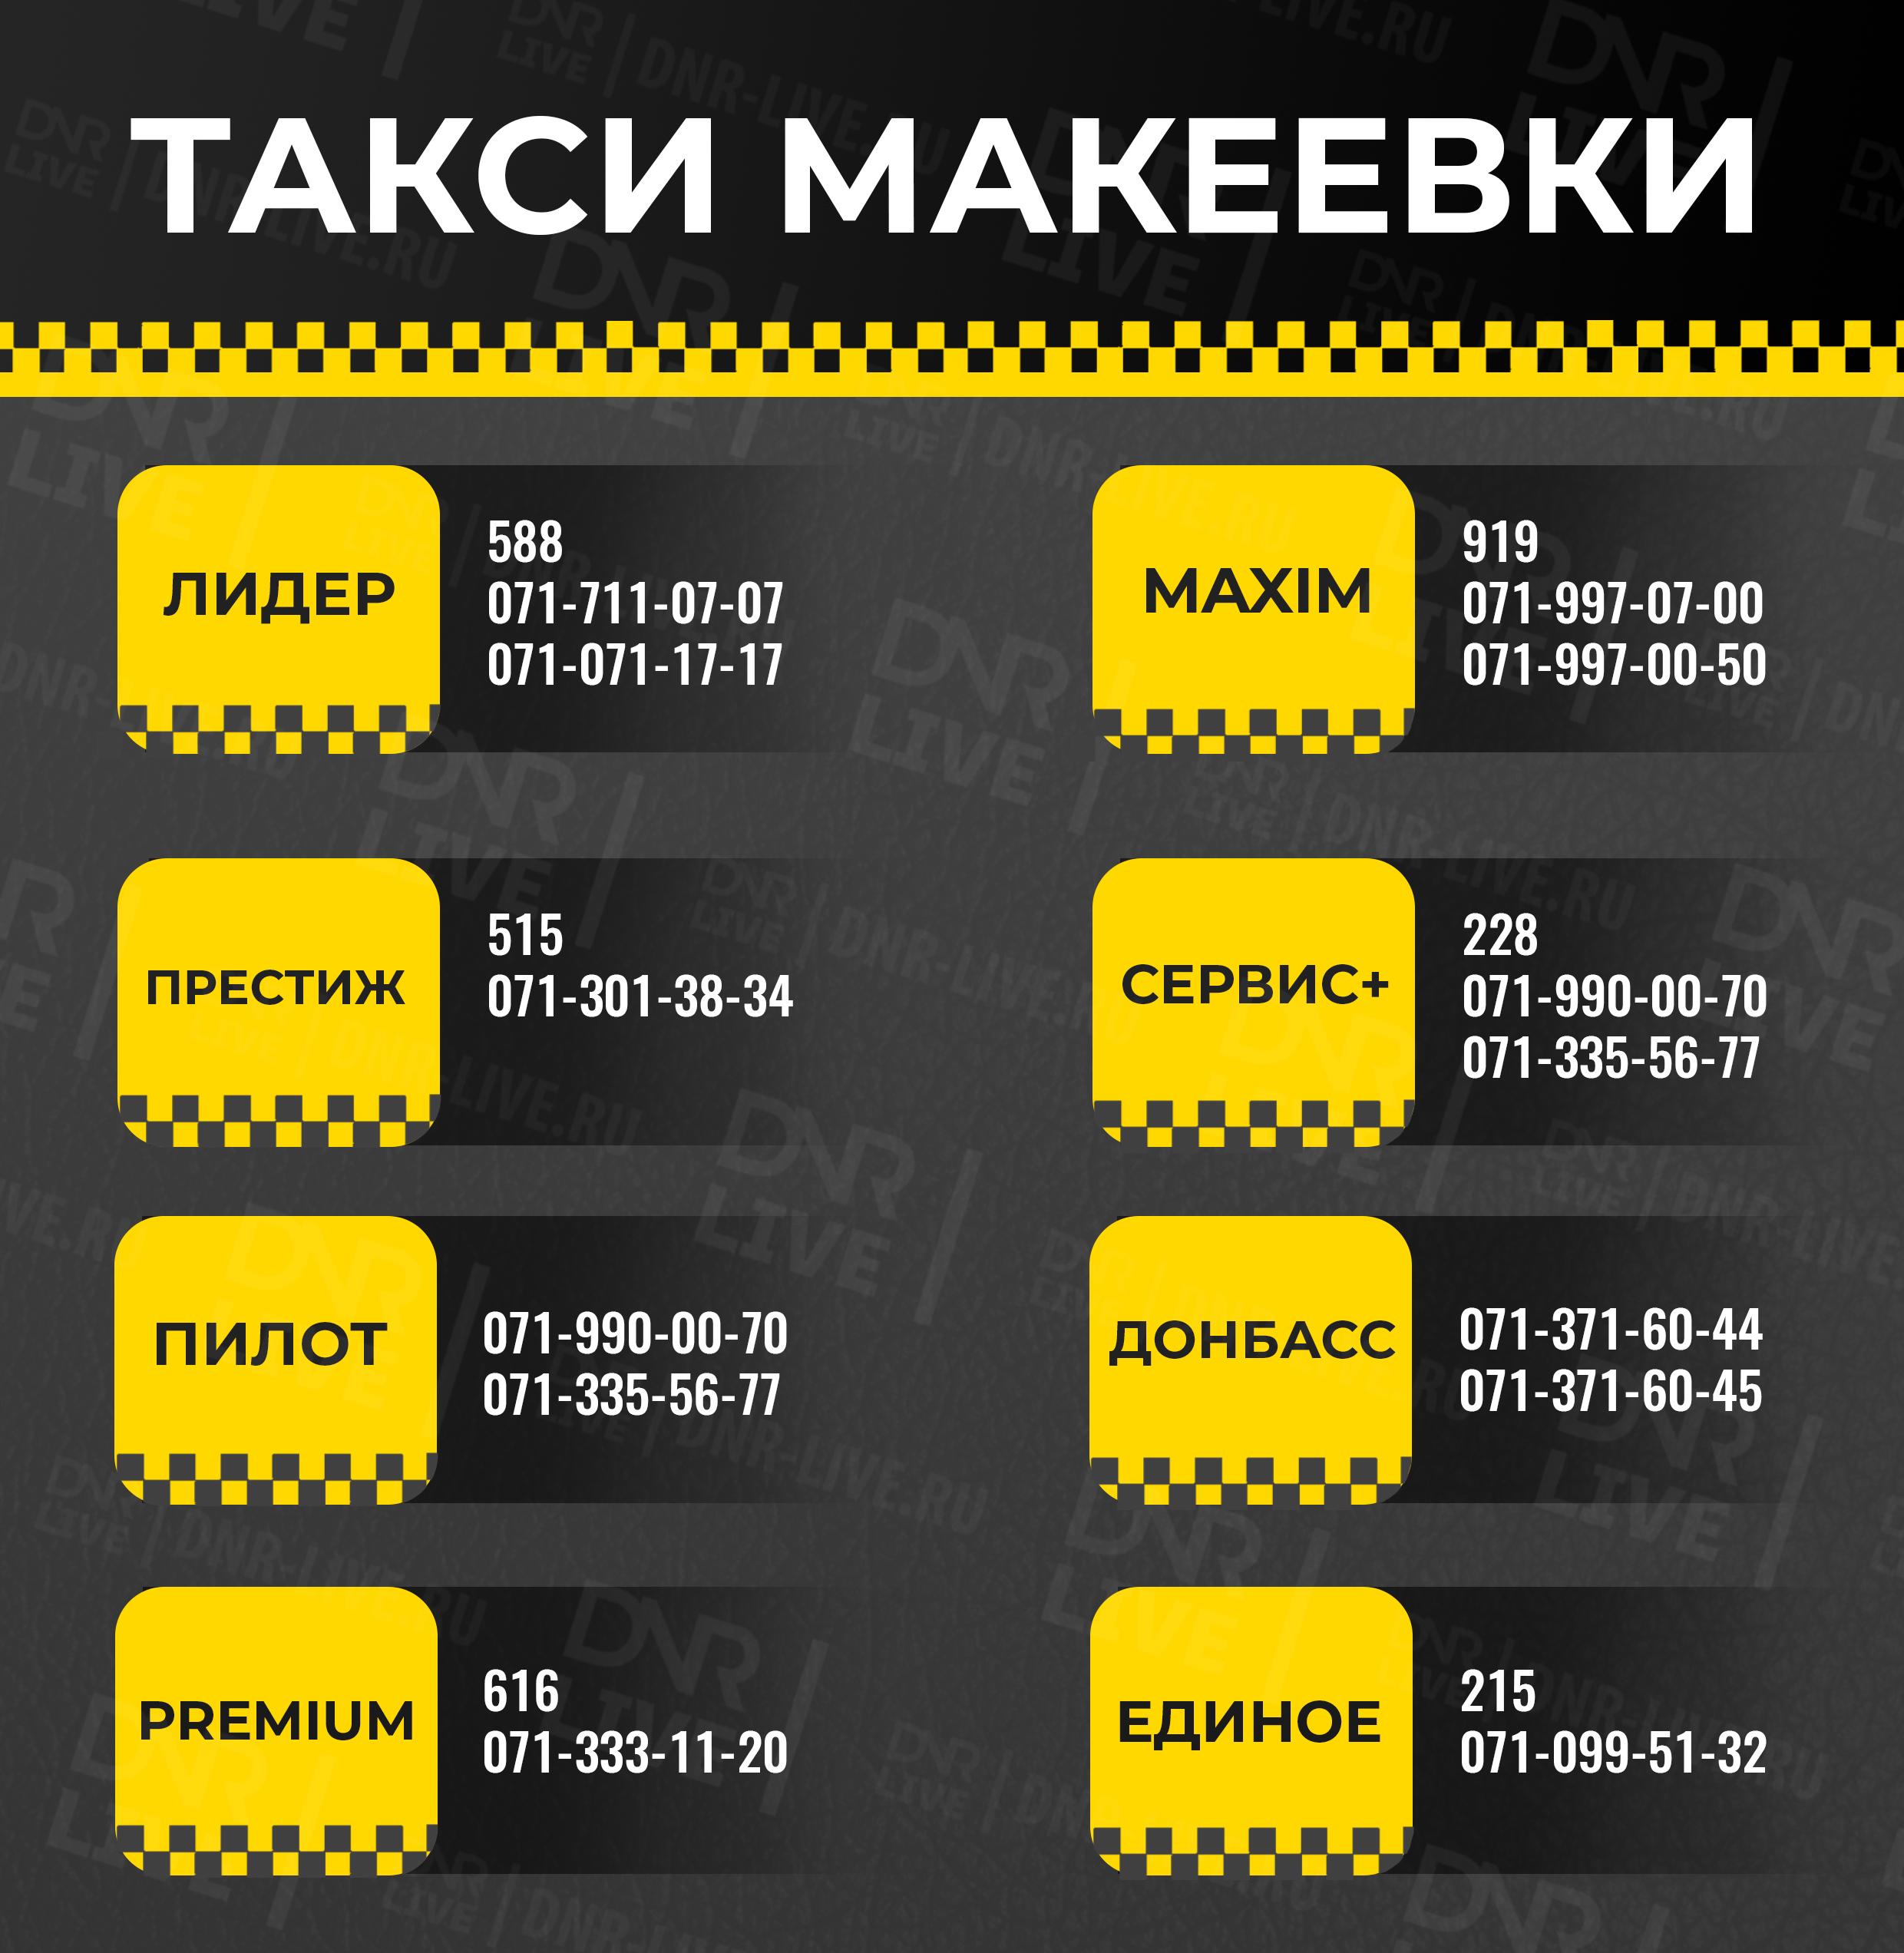 Такси Макеевка